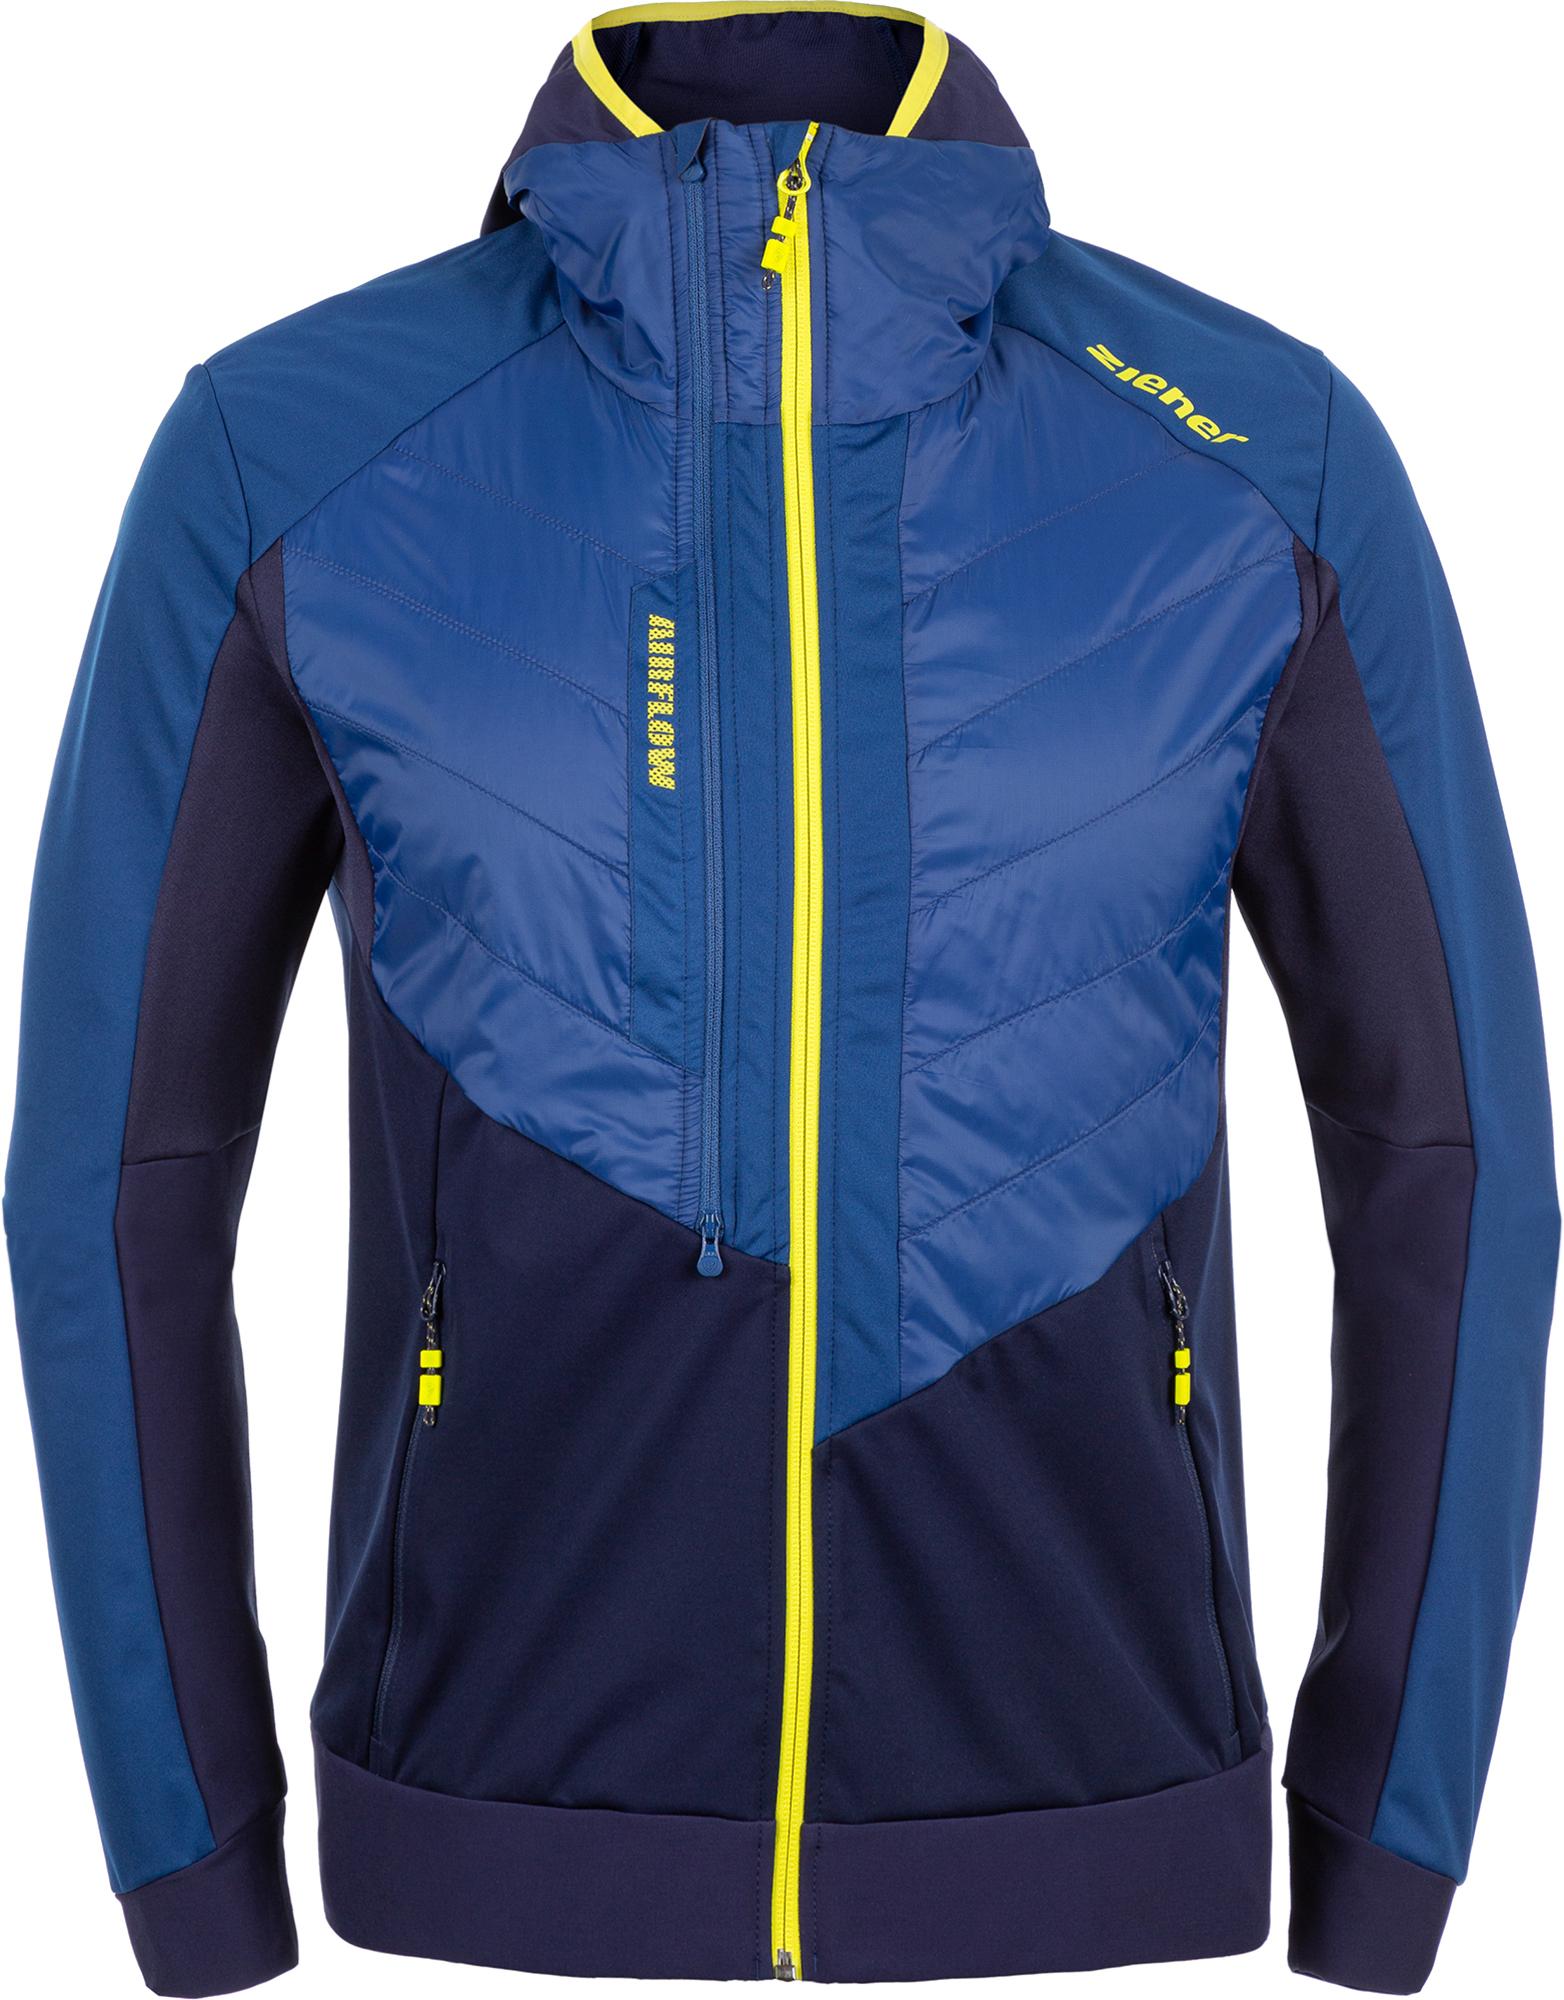 Ziener Куртка утепленная мужская Ziener Nalik, размер 52